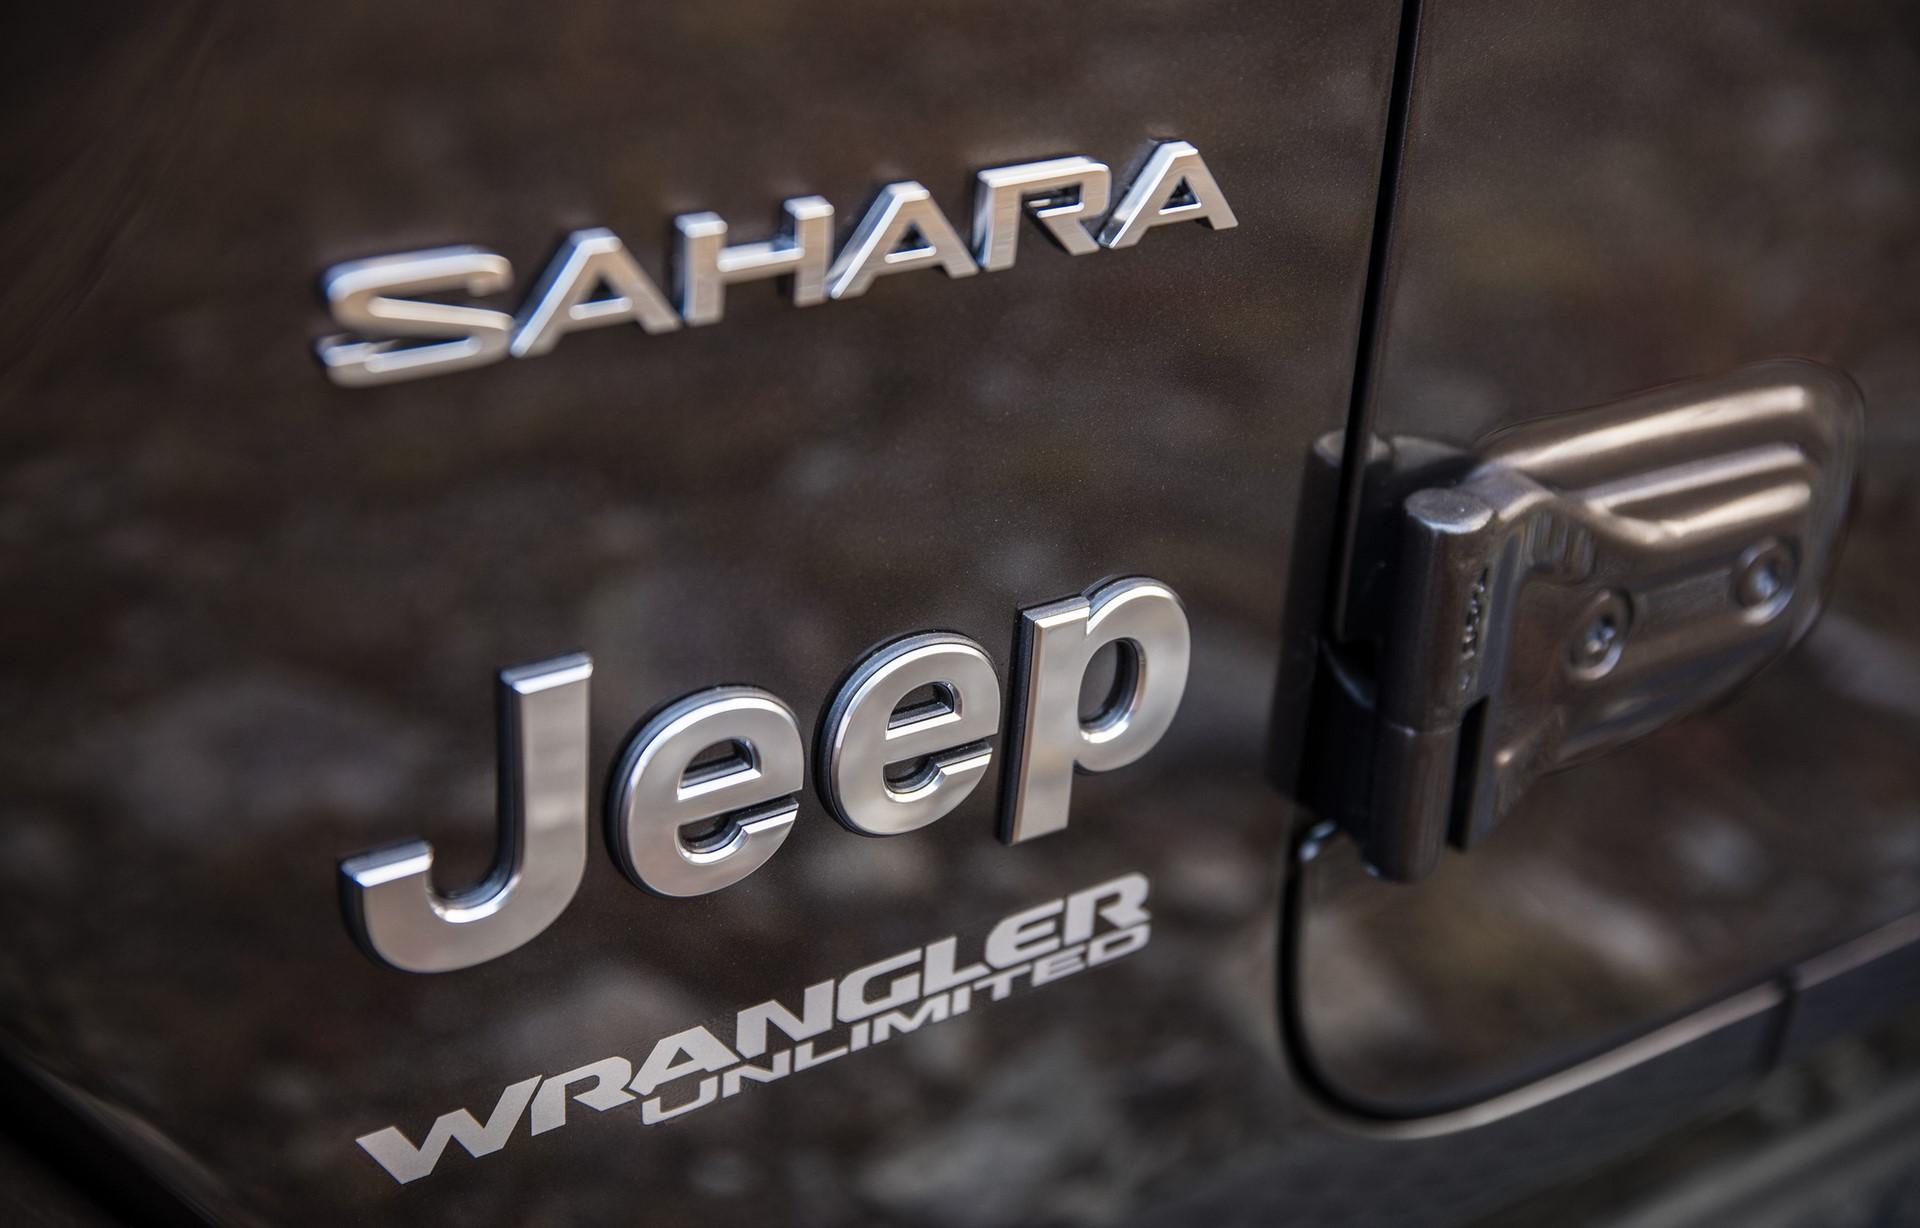 2018 Jeep Wrangler 110 (11)